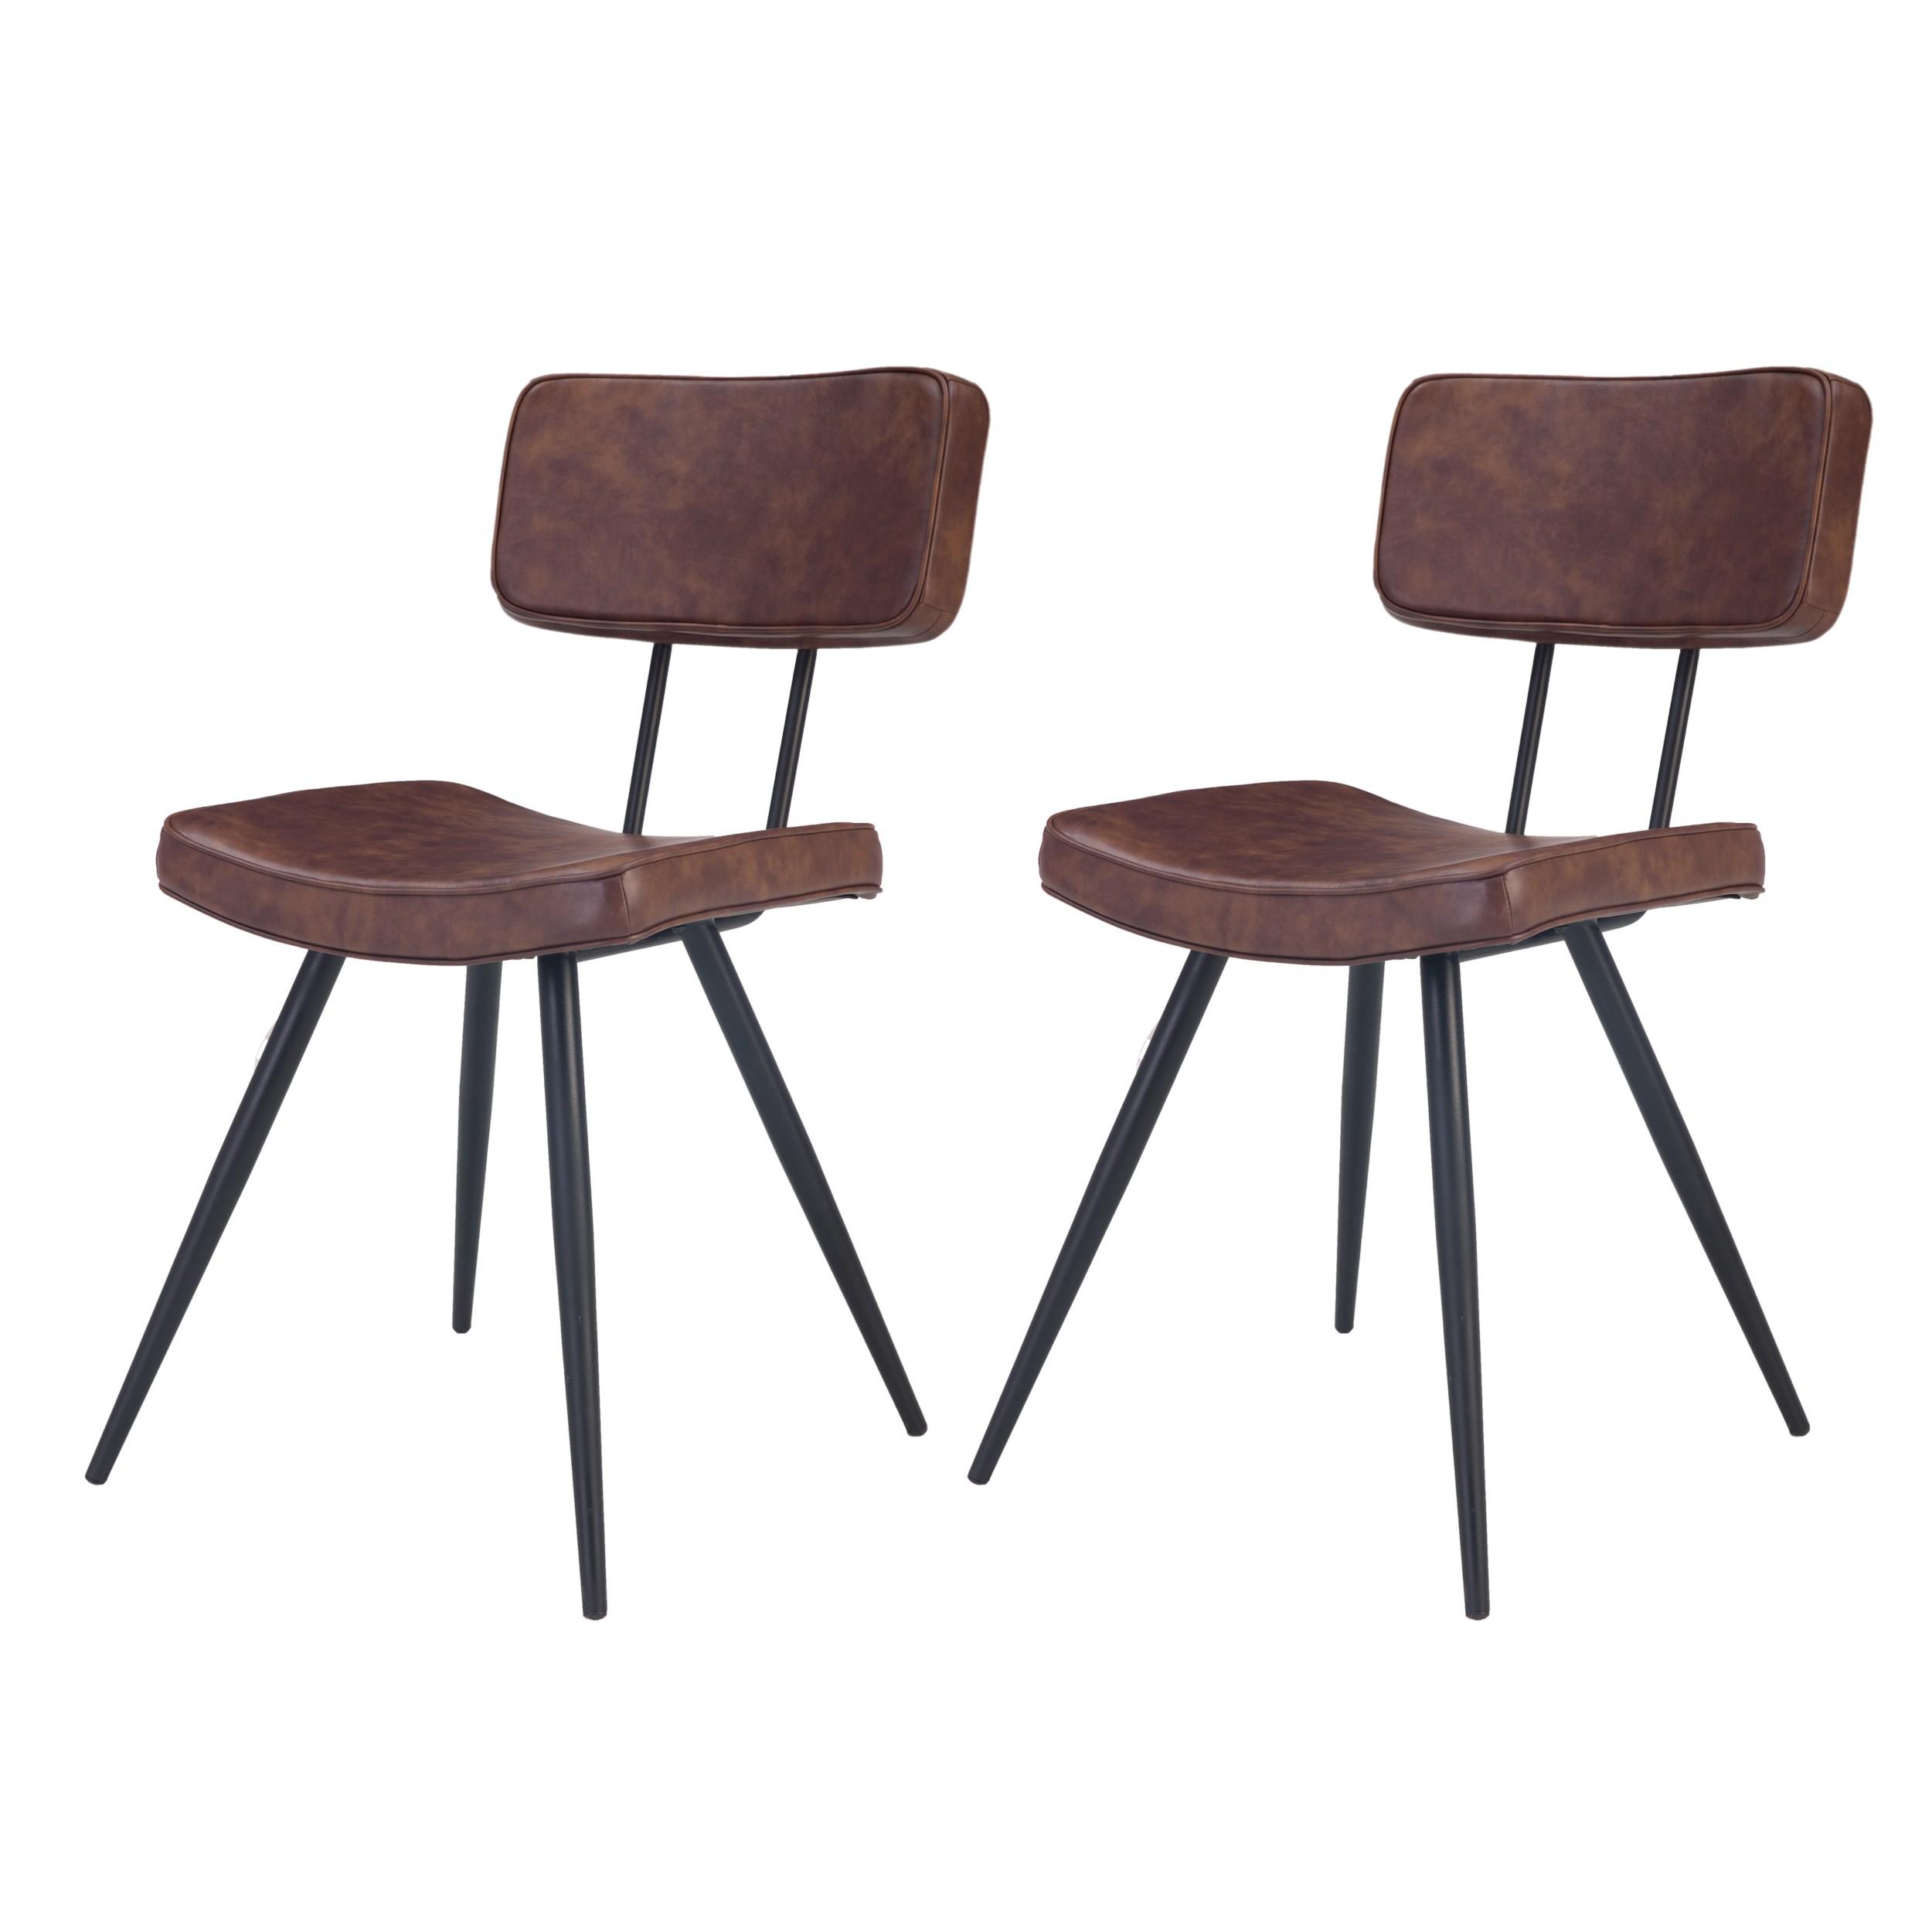 acheter chaise lot de 2 marron